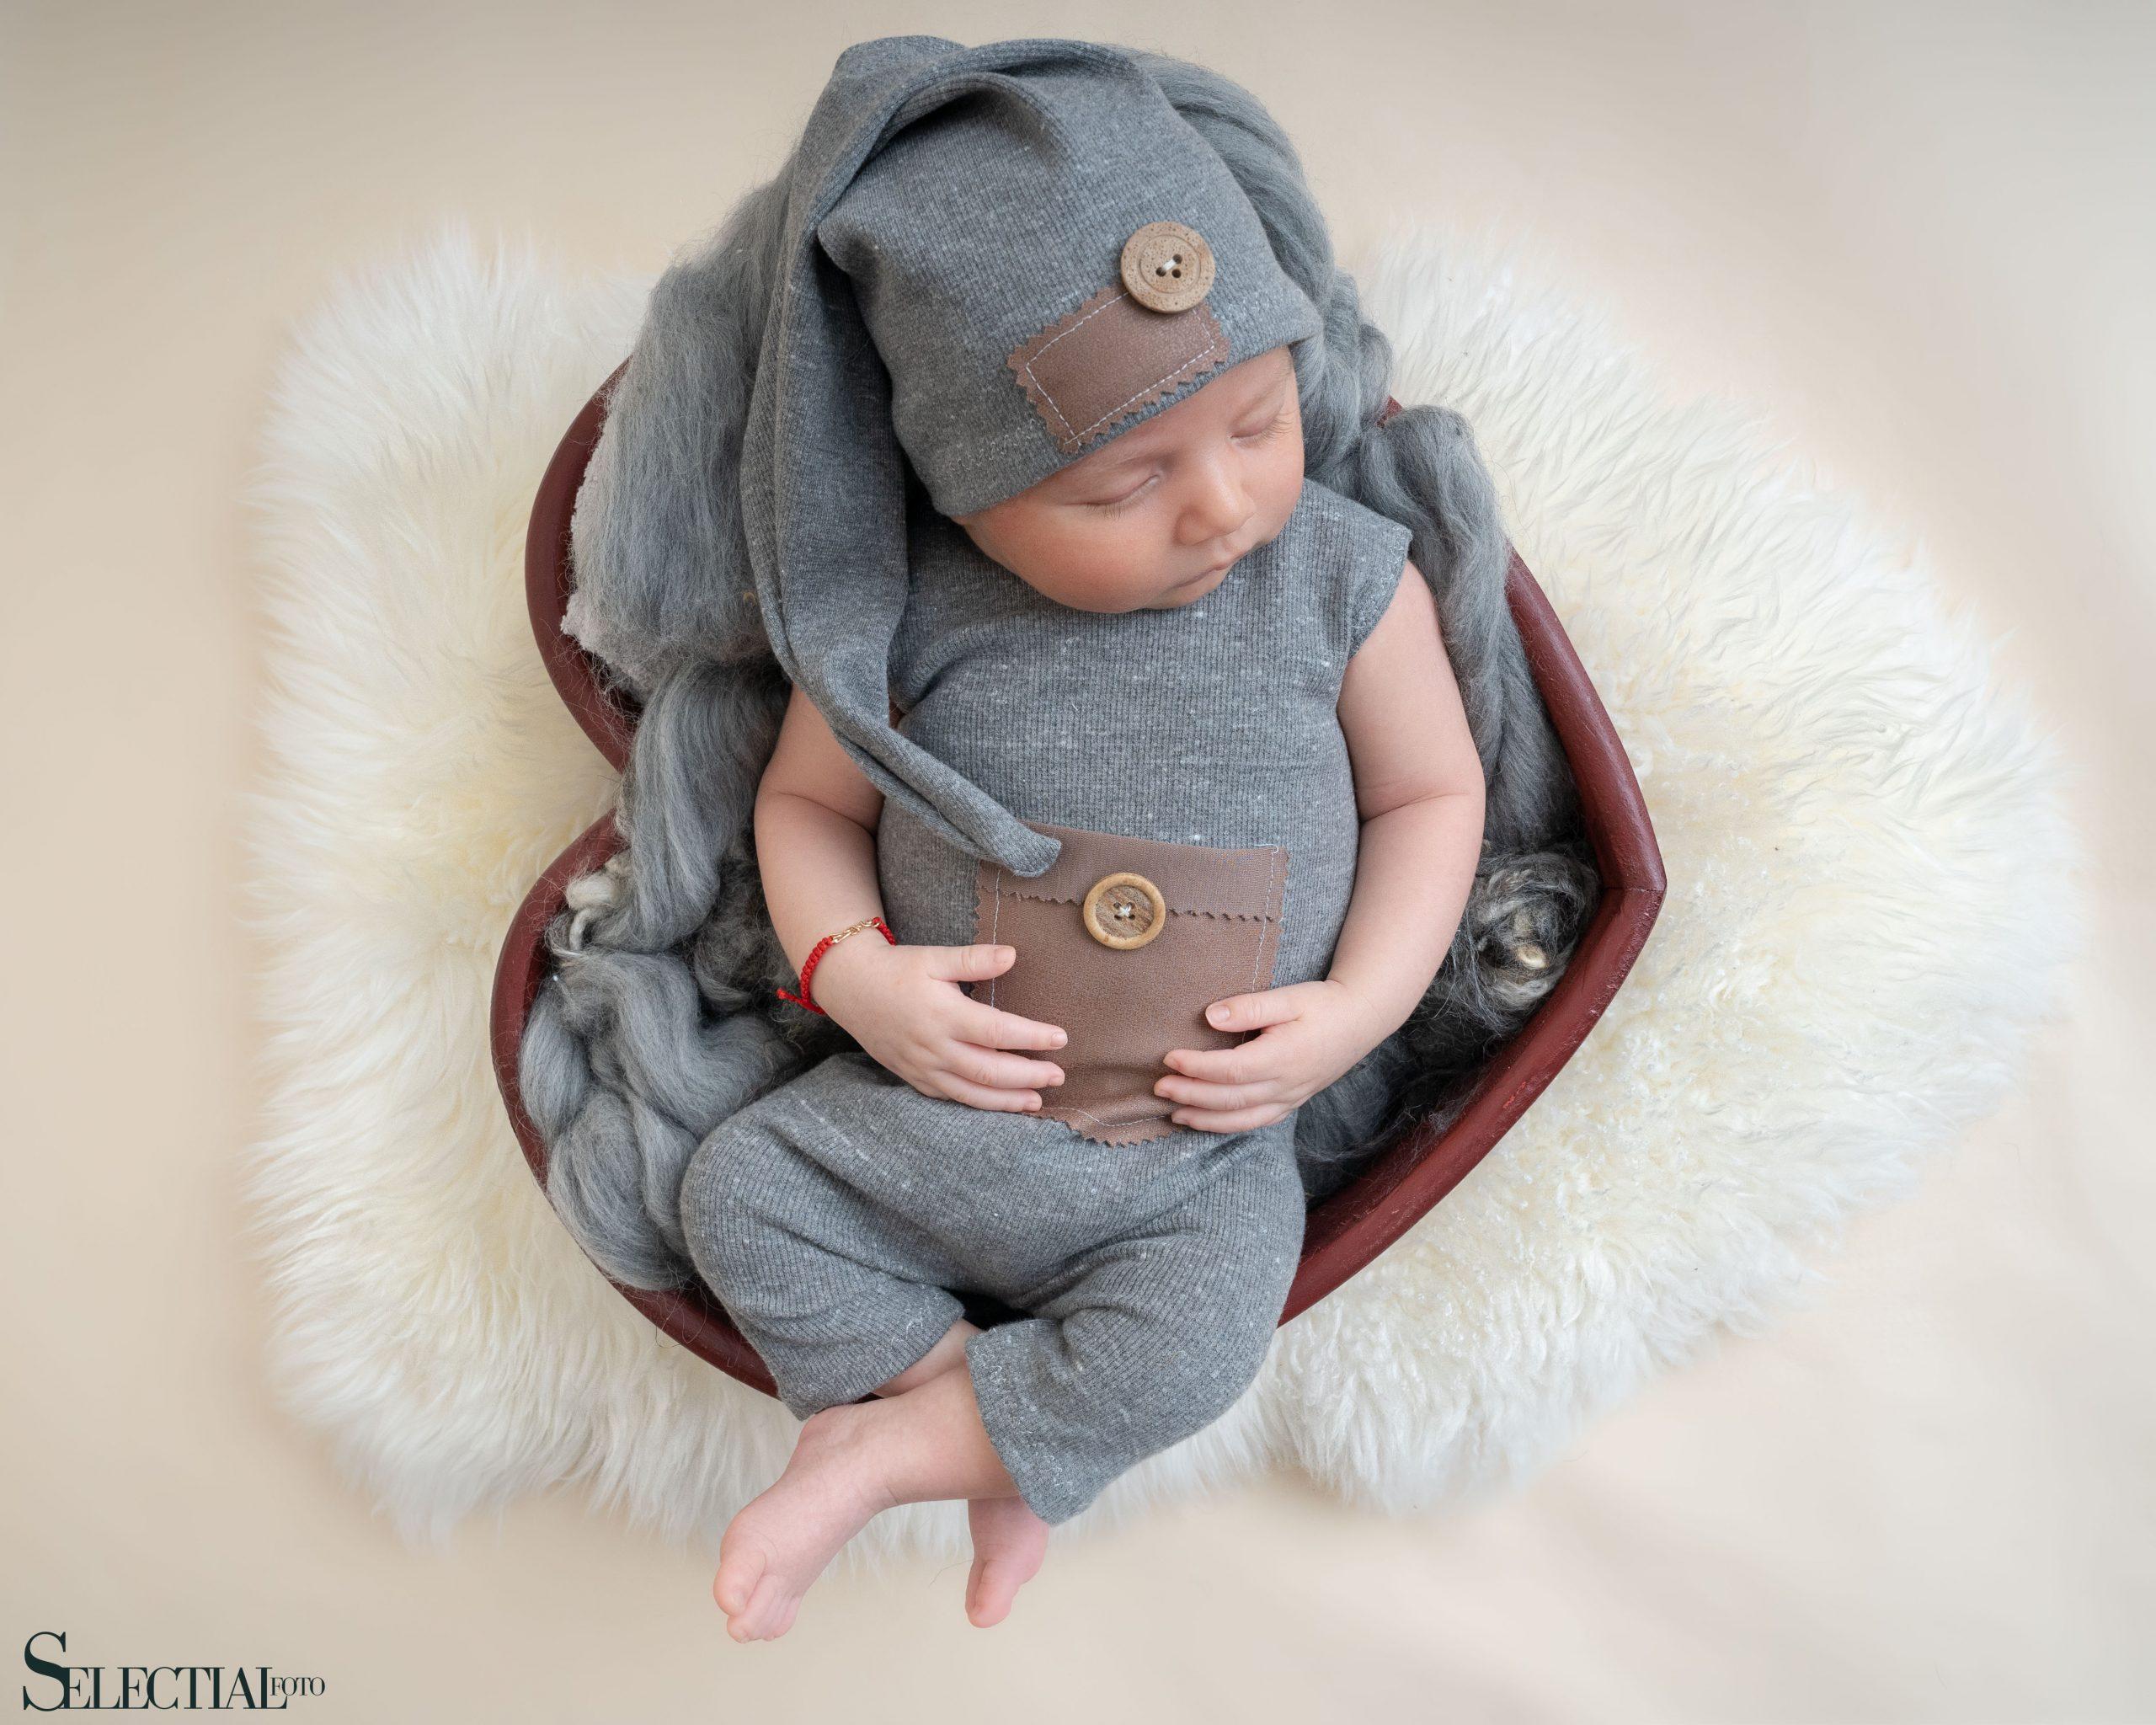 Foto_Newborn_David_F_Portofolio-7